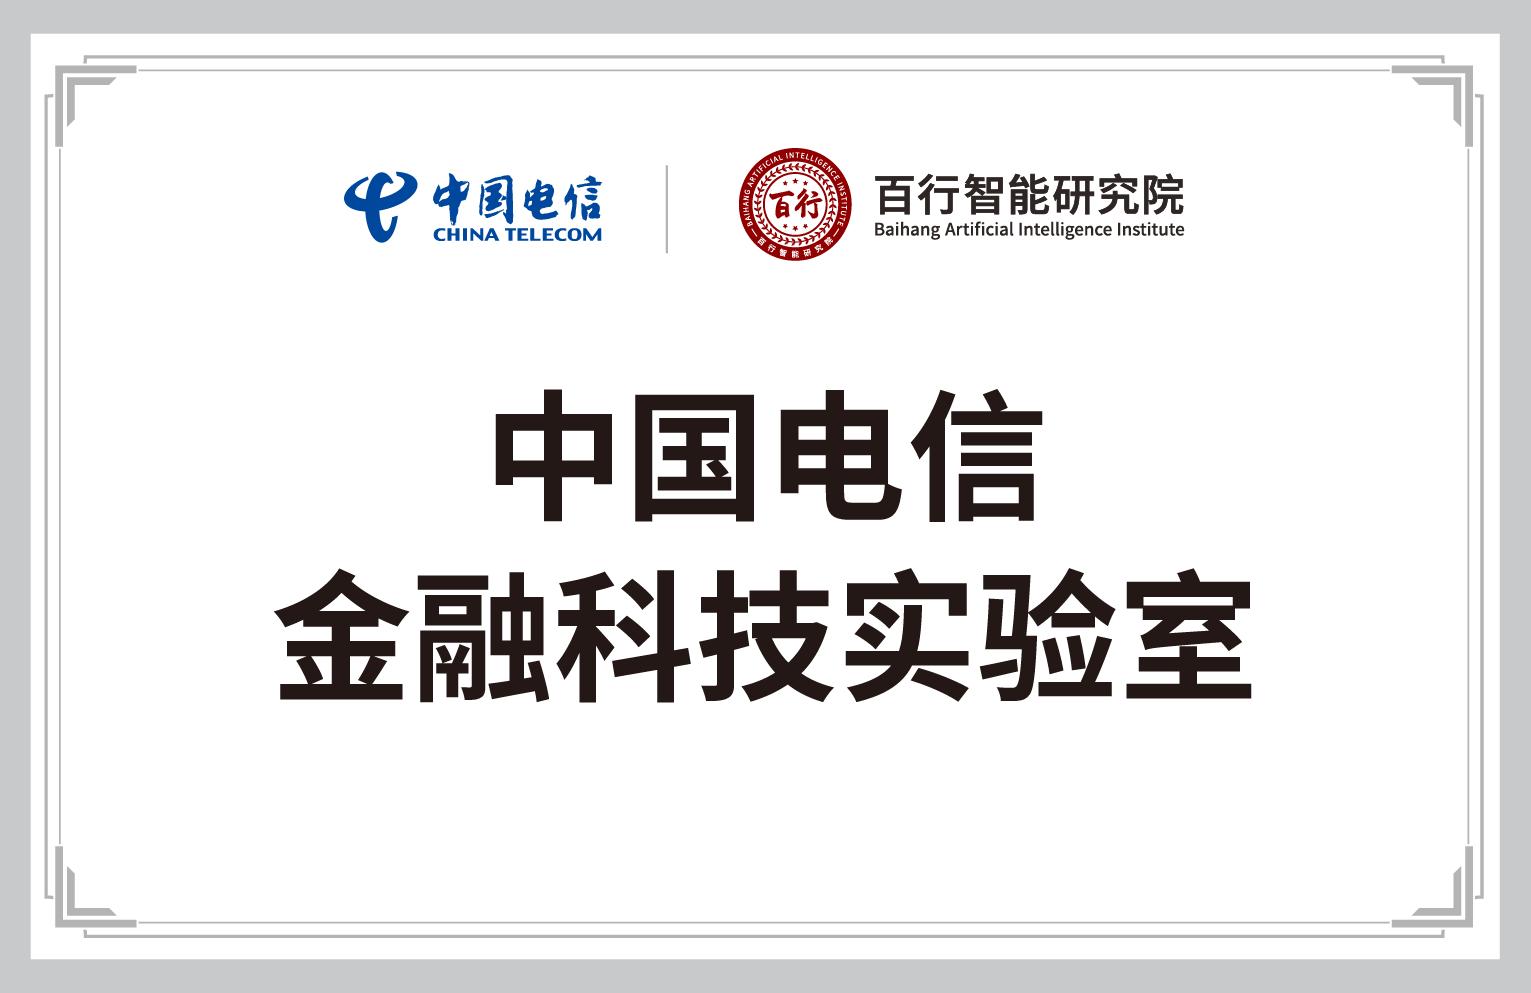 中国电信-百行智能研究院-金融科技实验室